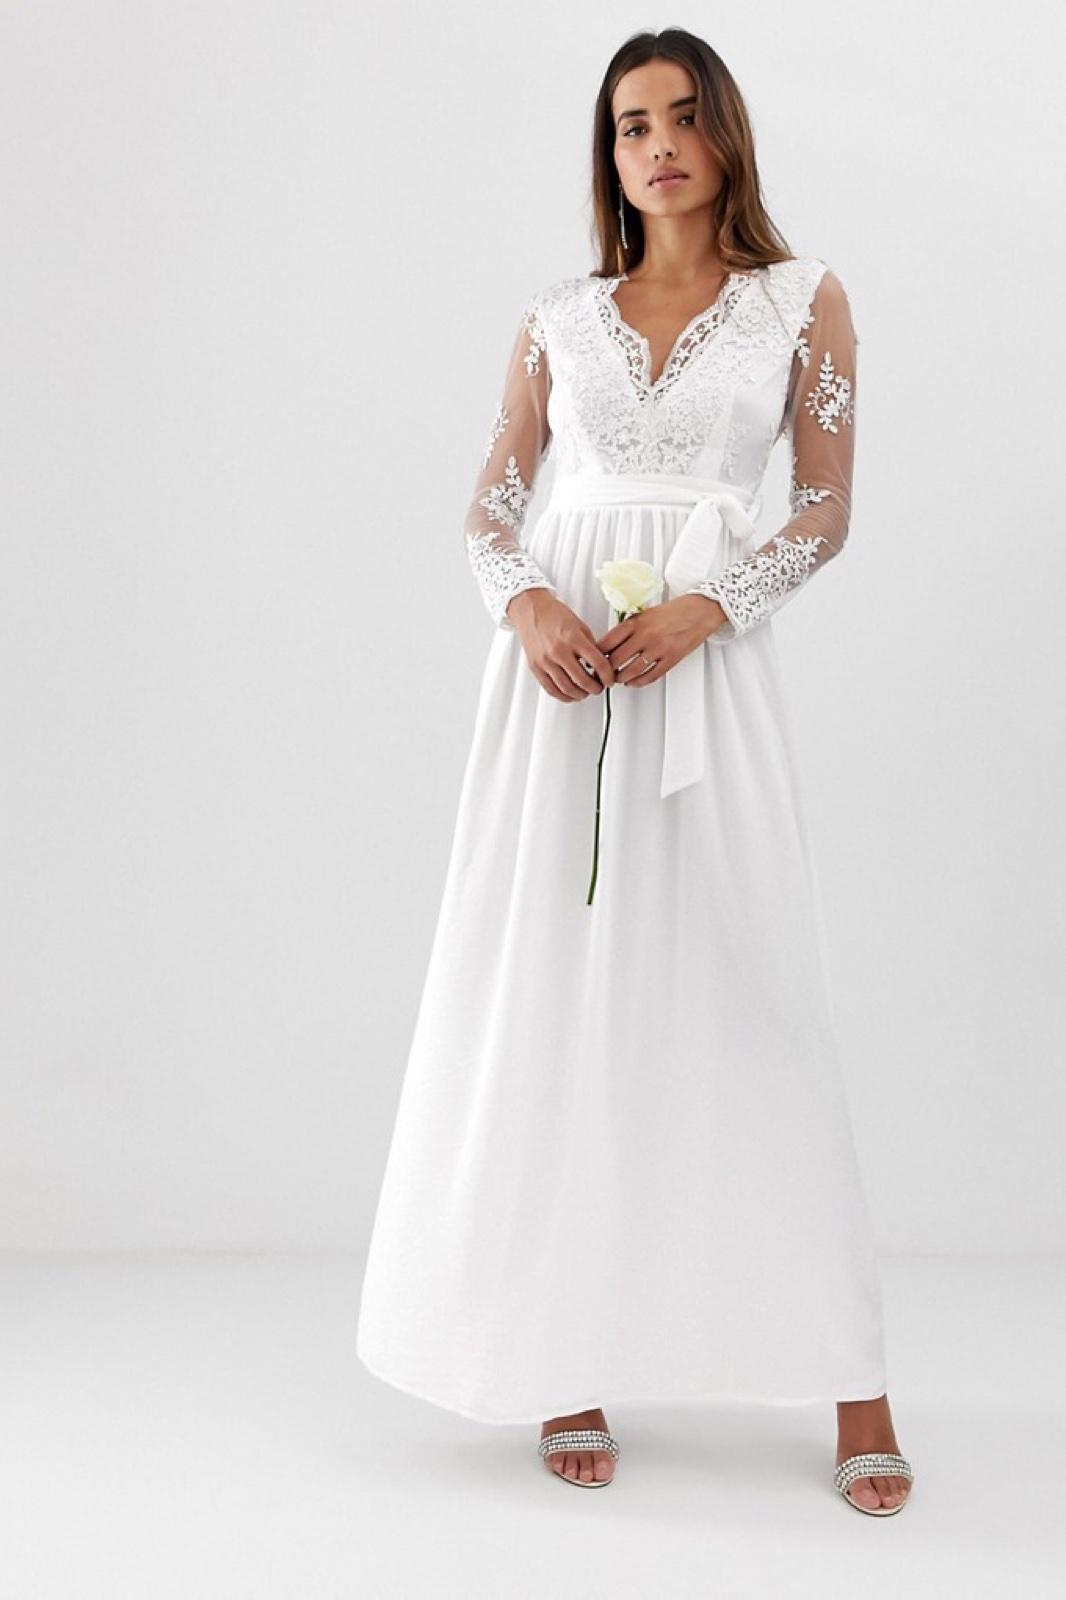 Tienda De Vestidos De Novia Para Matrimonio Civil